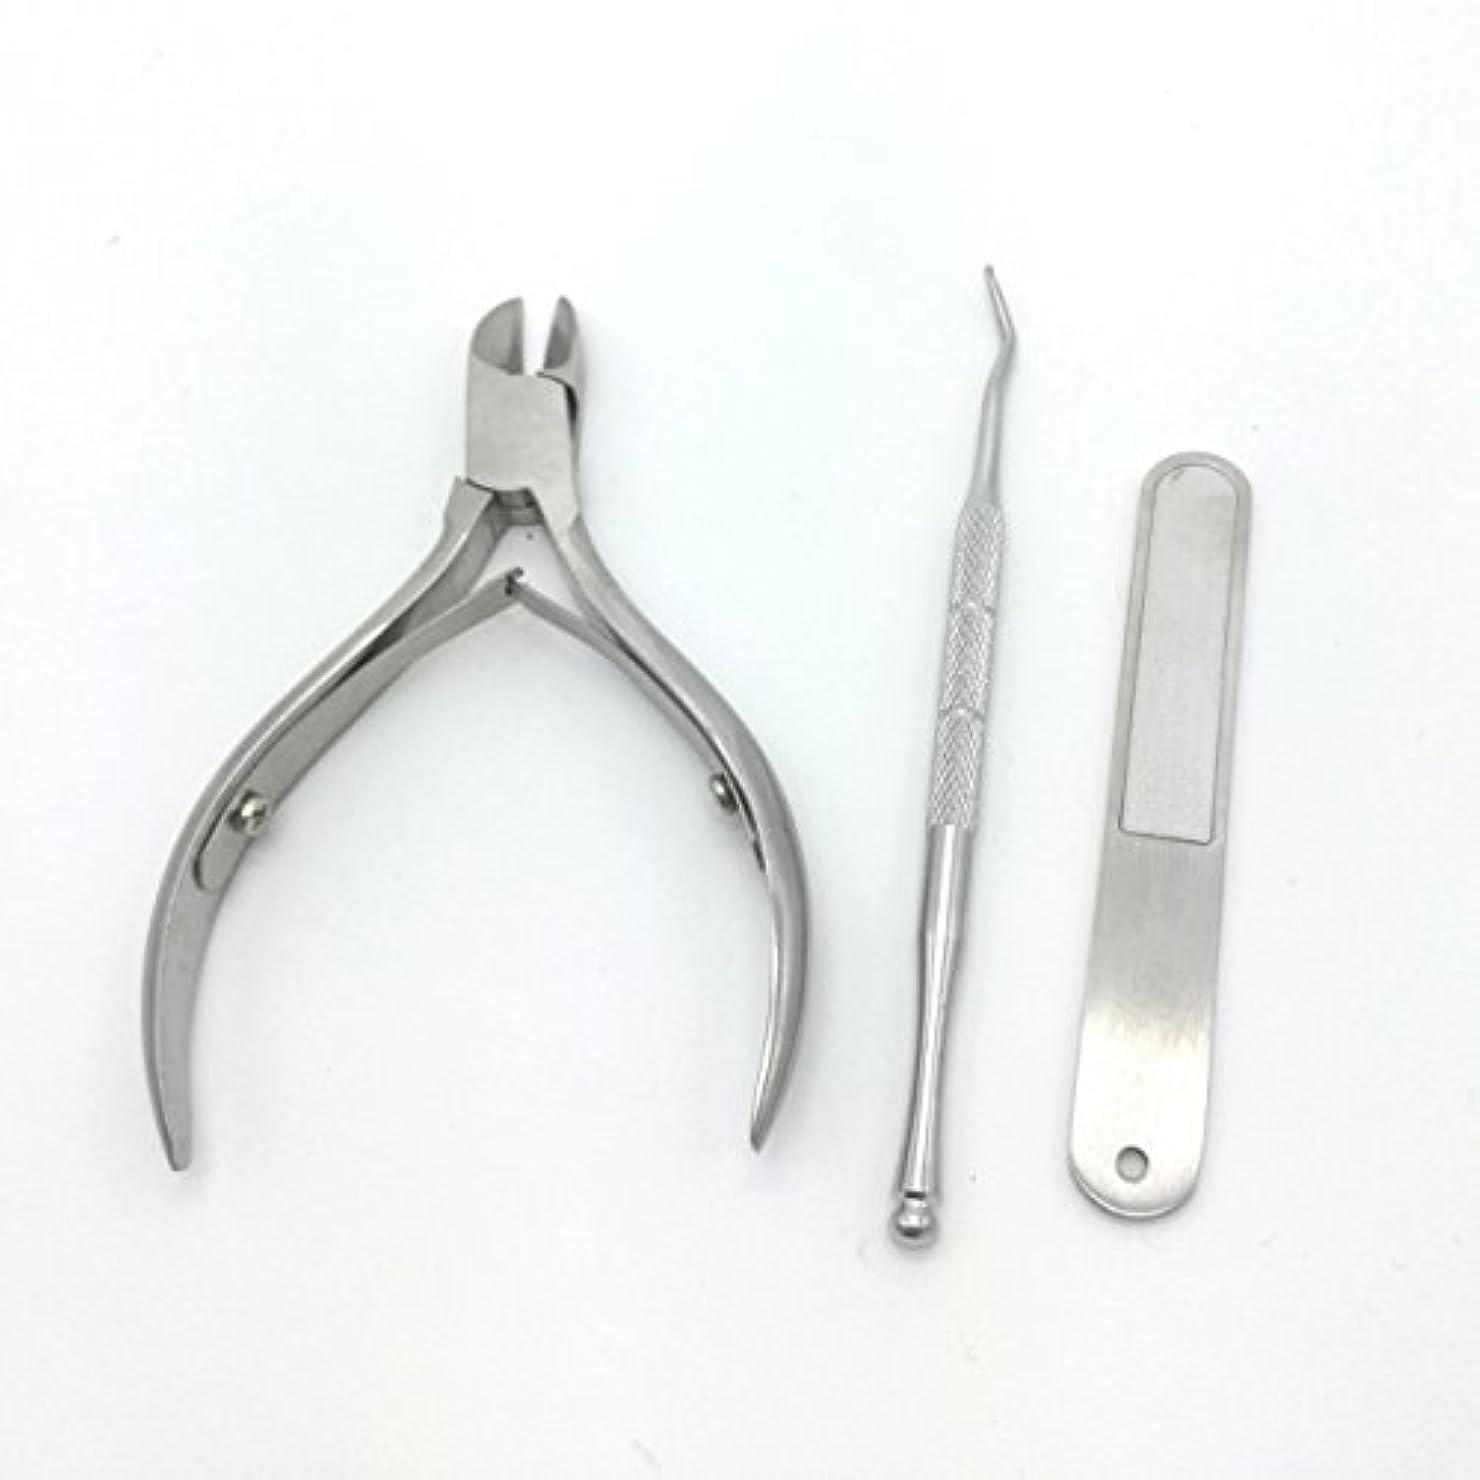 リーチアライメント葉爪切り 改良版ニッパー爪切り ステンレス製 ニッパー式爪切り ネイルニッパー 爪やすり、ゾンデ付き お年寄りプレゼント 贈答ケース付属